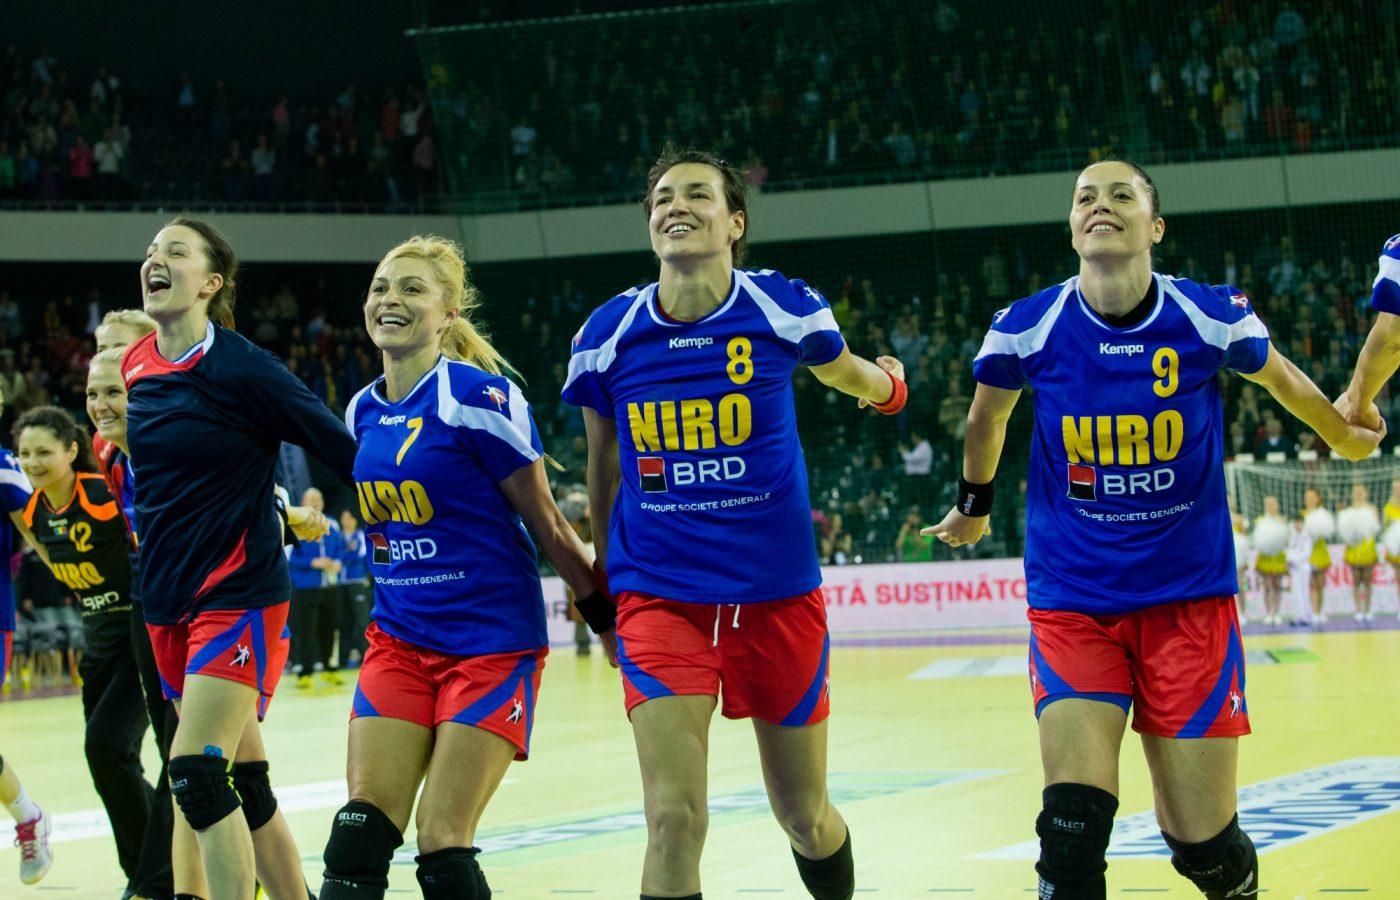 FOTO: Mircea Rosca / ActionFoto.ro